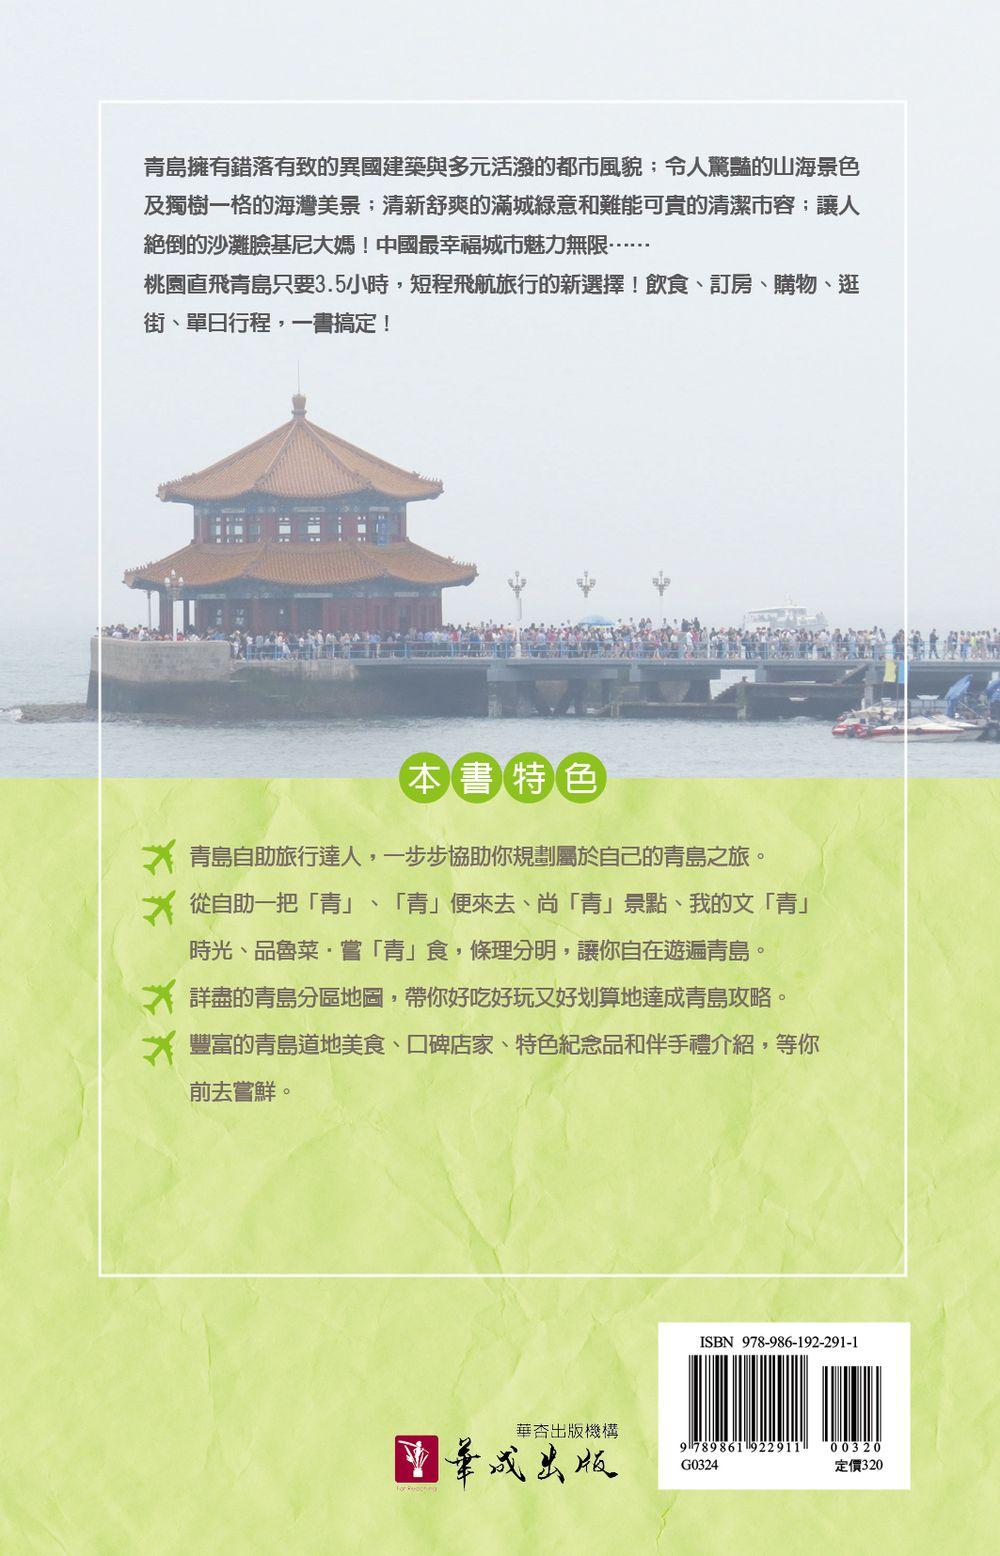 http://im2.book.com.tw/image/getImage?i=http://www.books.com.tw/img/001/073/35/0010733535_bf_01.jpg&v=580a0a8c&w=655&h=609